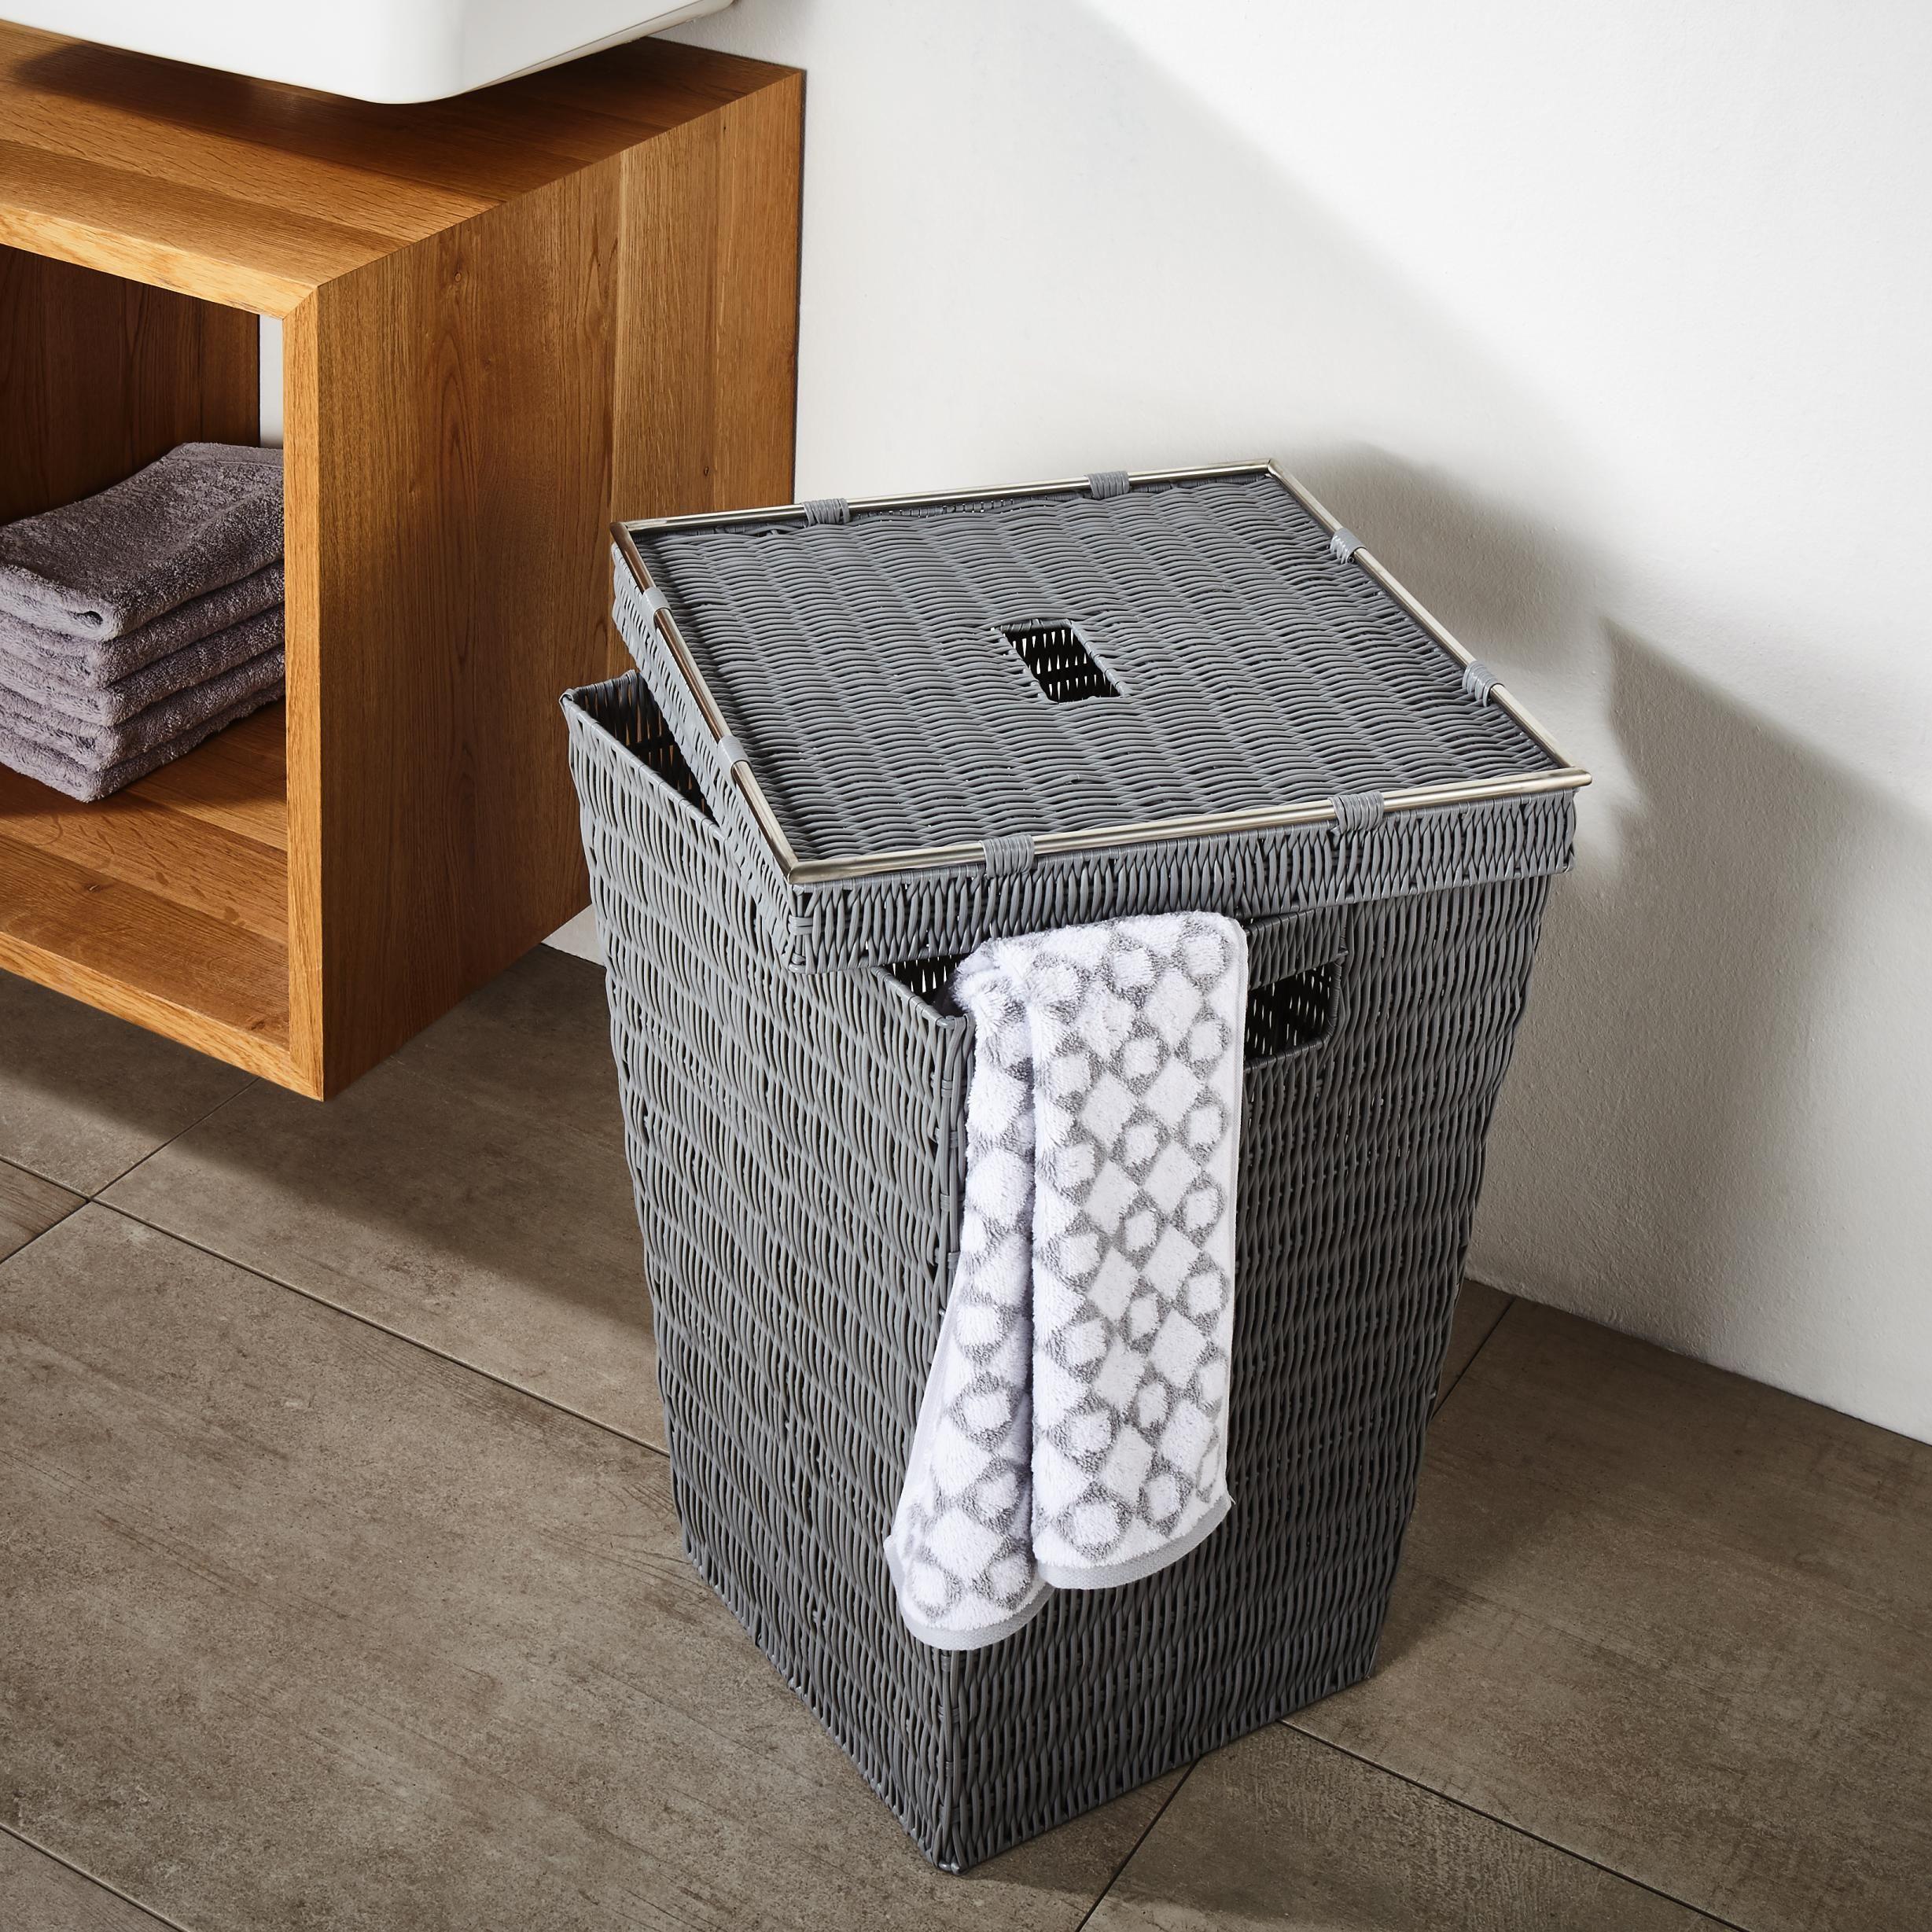 Mit Diesem Wäschekorb Ganz Einfach Für Mehr Ordnung Im Badezimmer Sorgen:  Getragene Wäsche Kann Am Ende Des Tages Blickdicht In Der Tonne Verstaut  Werden.